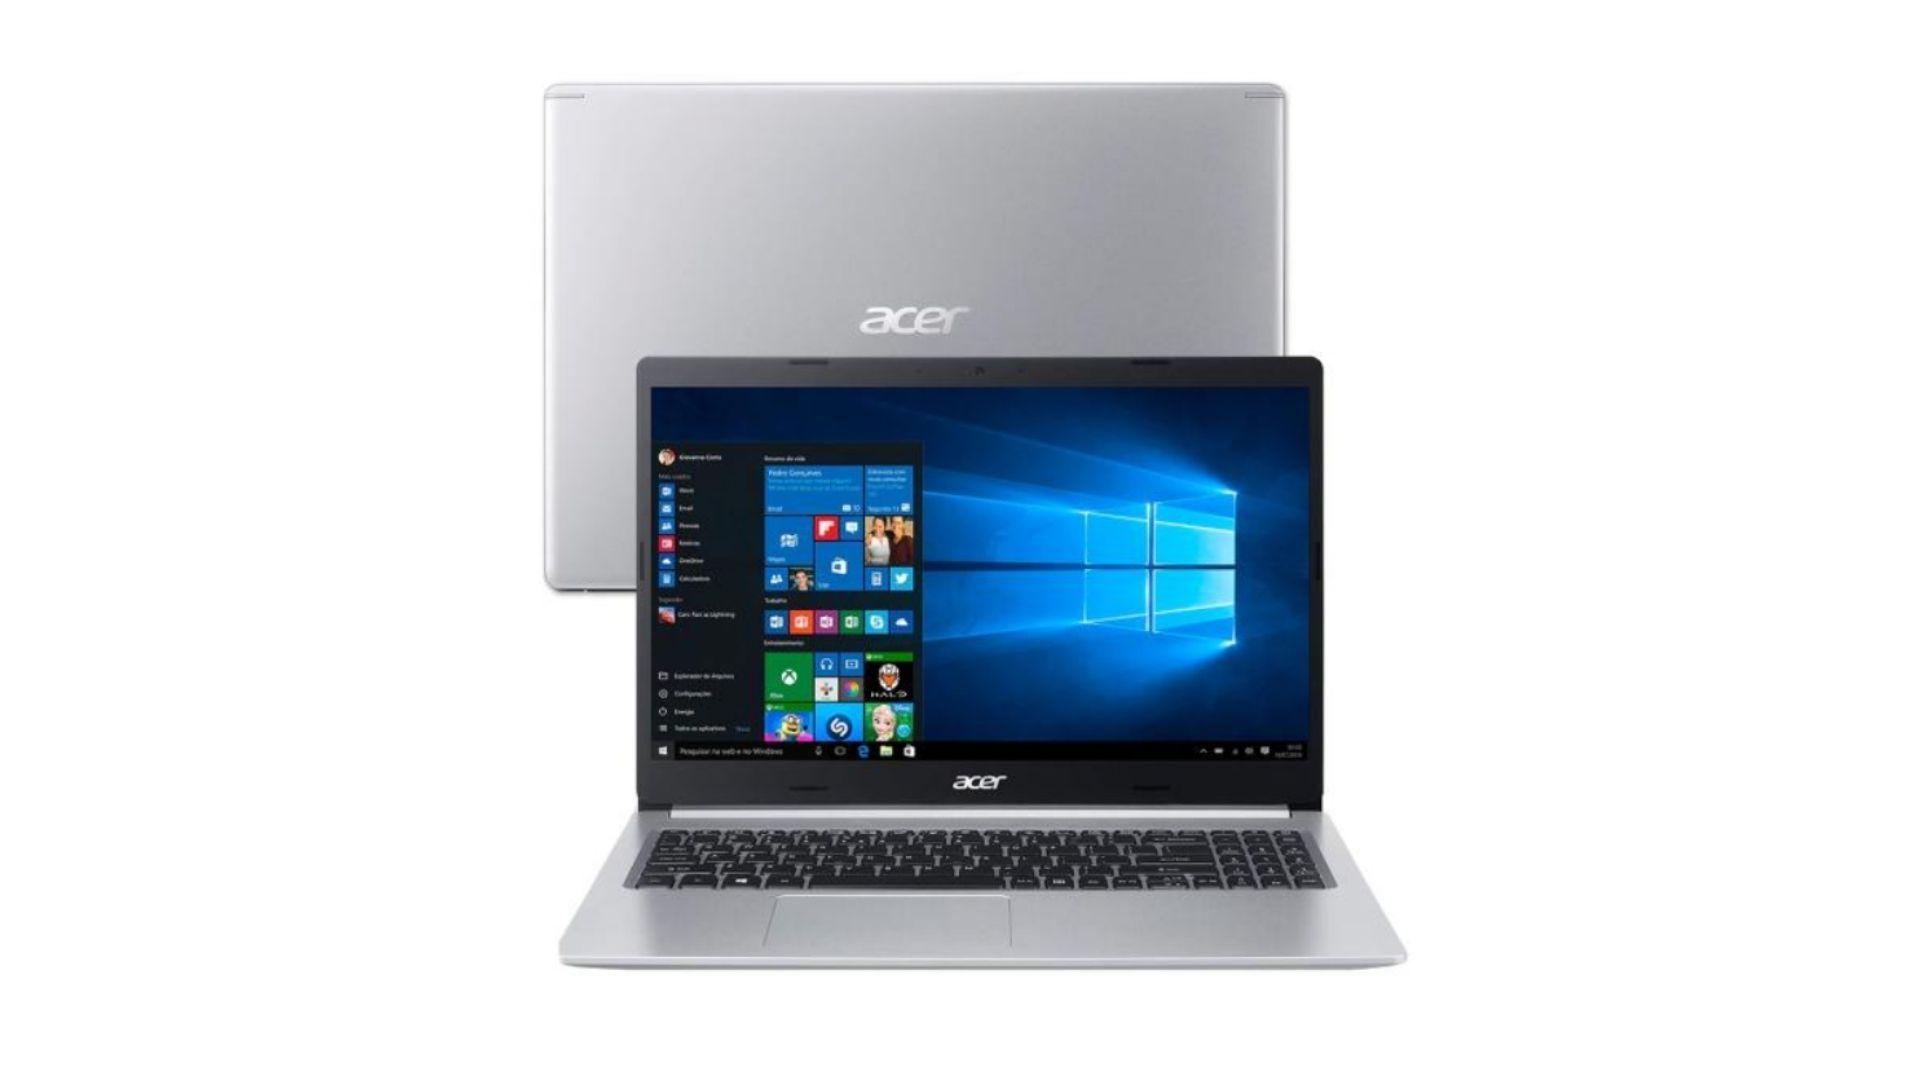 Notebook Acer é bom? Linha Aspire 5 tem parte da construção em metal (Foto: Reprodução/Shutterstock).